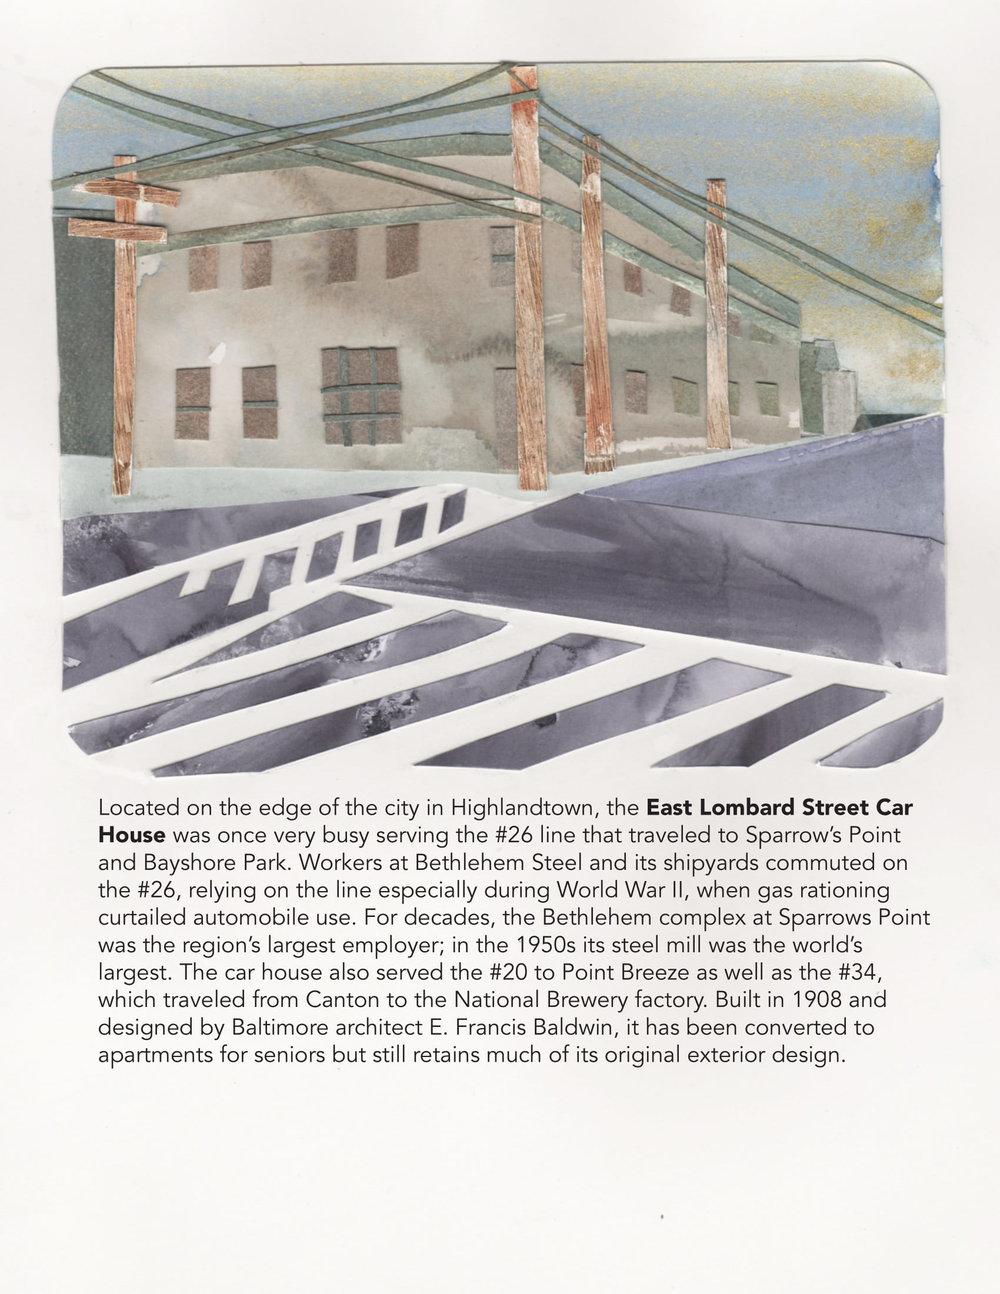 East Lombard Street Car House, 2018